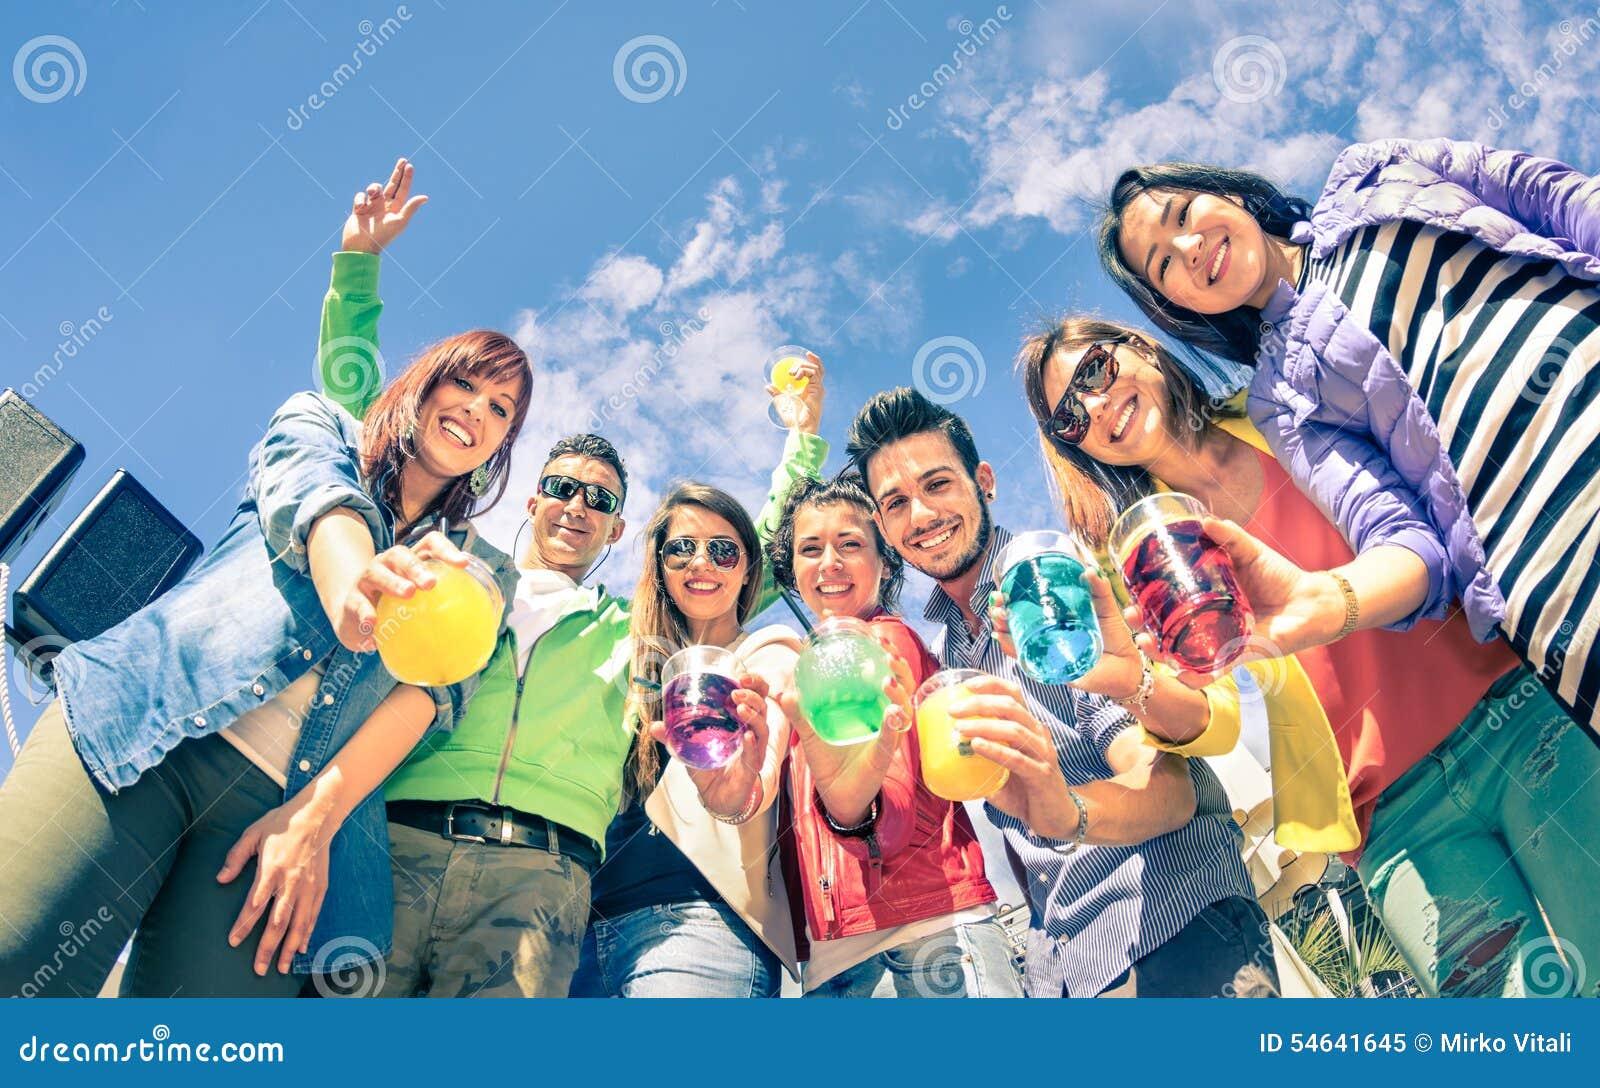 Gruppo di amici felici divertendosi insieme al ricevimento pomeridiano